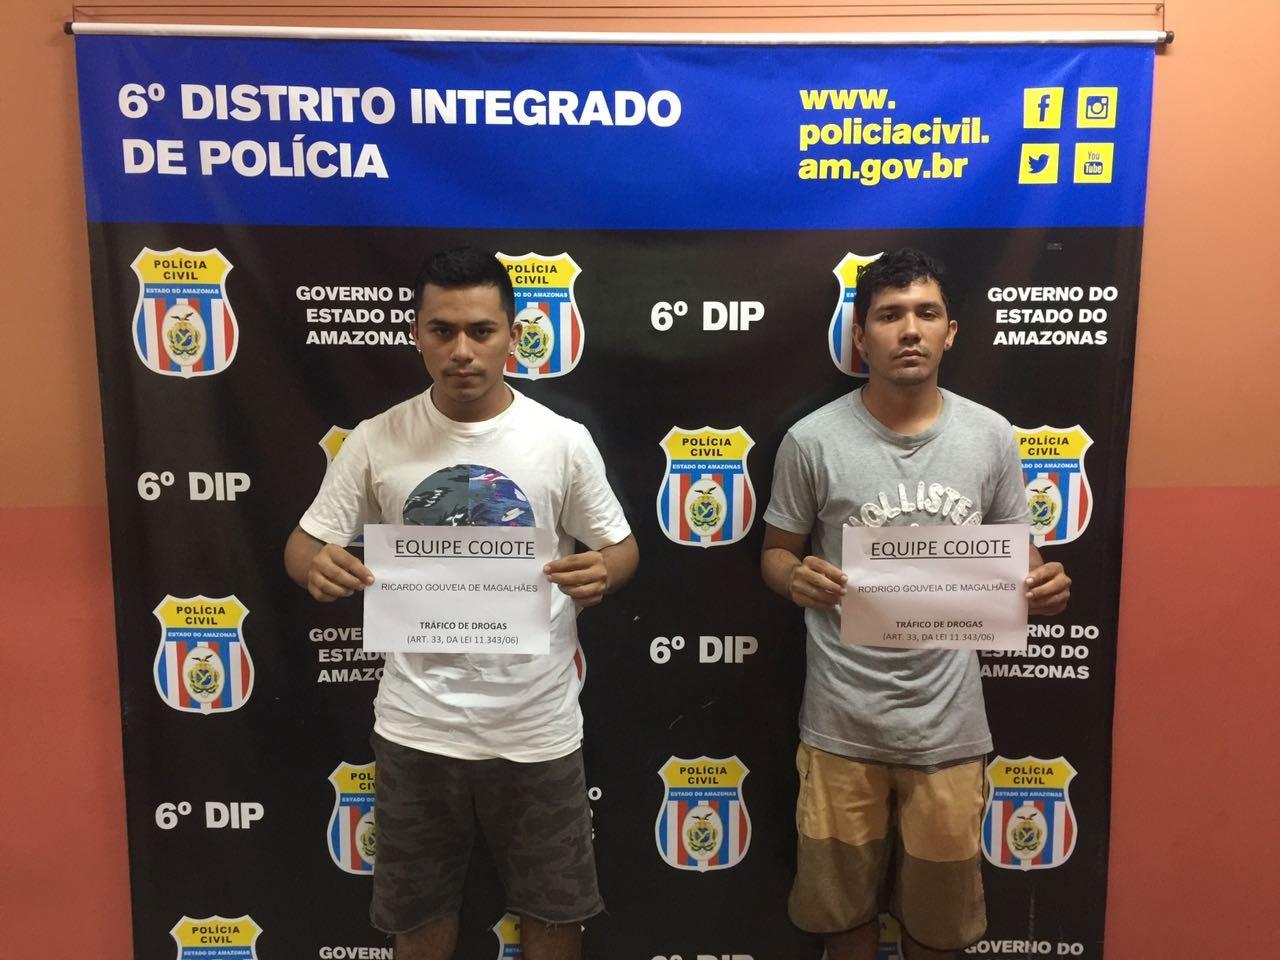 Filhos de vereador do interior do Estado, são presos por tráfico de drogas em Manaus